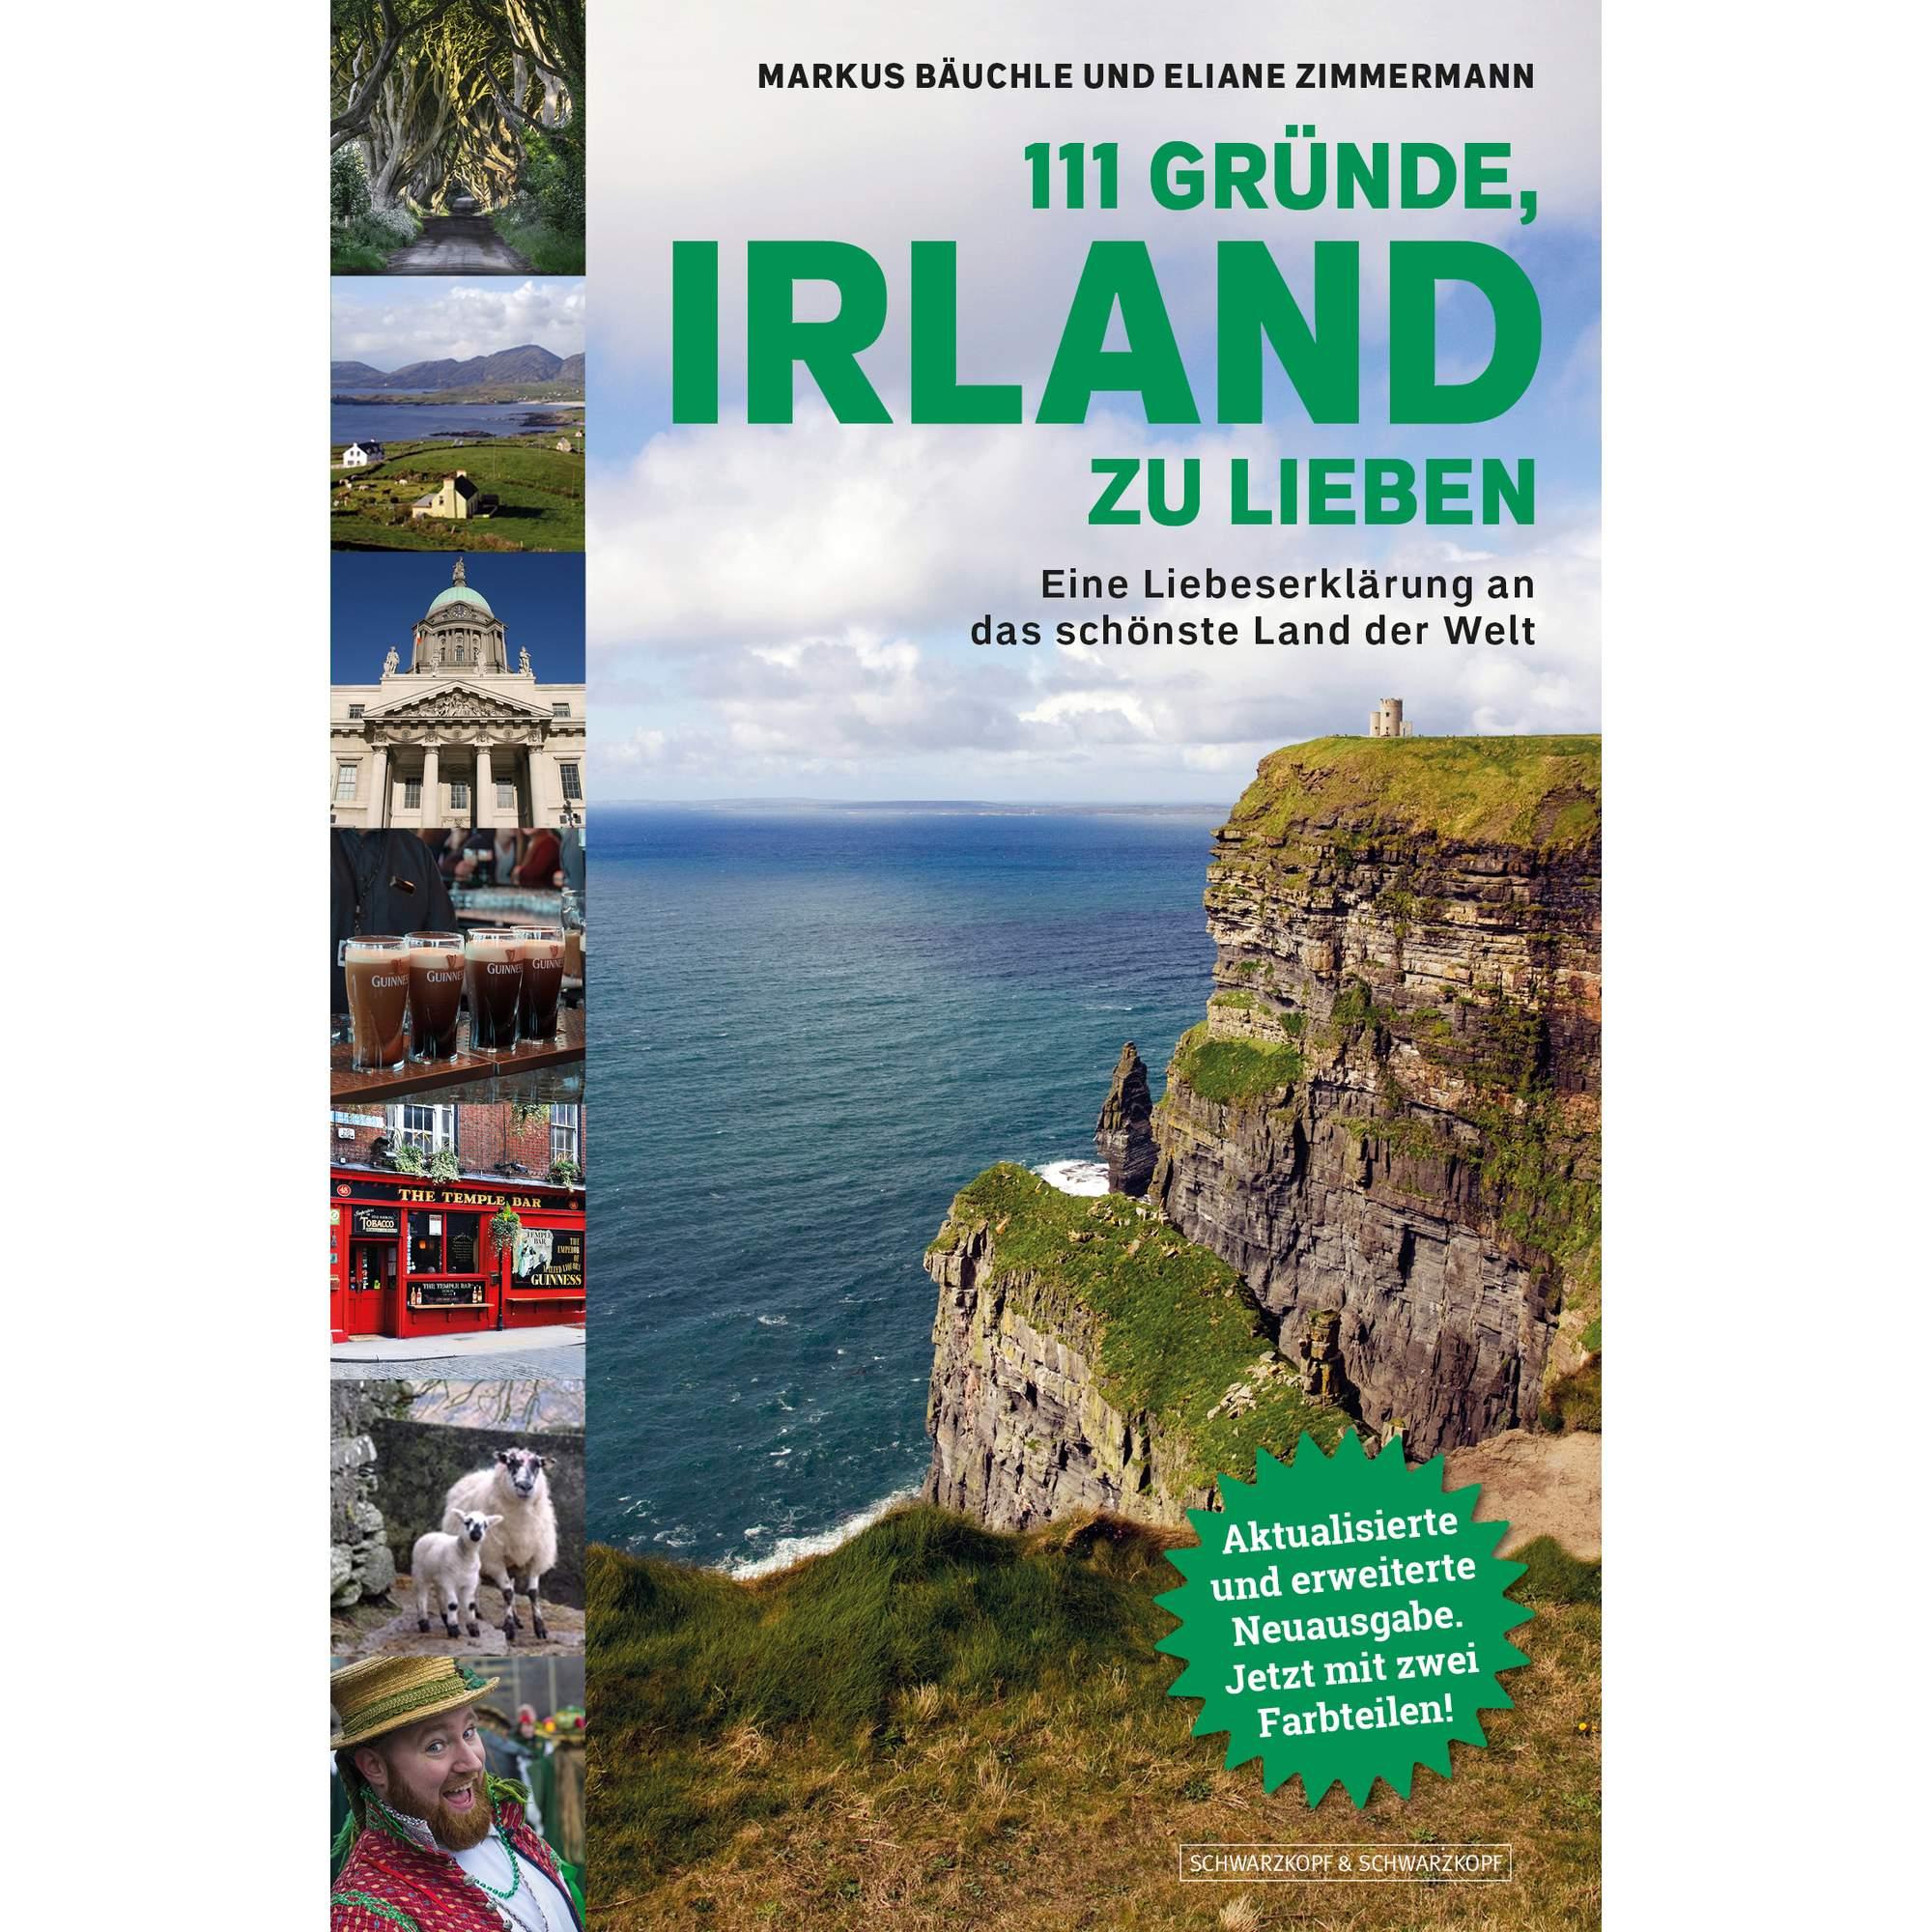 111 GRÜNDE, IRLAND ZU LIEBEN, 12,99 Euro